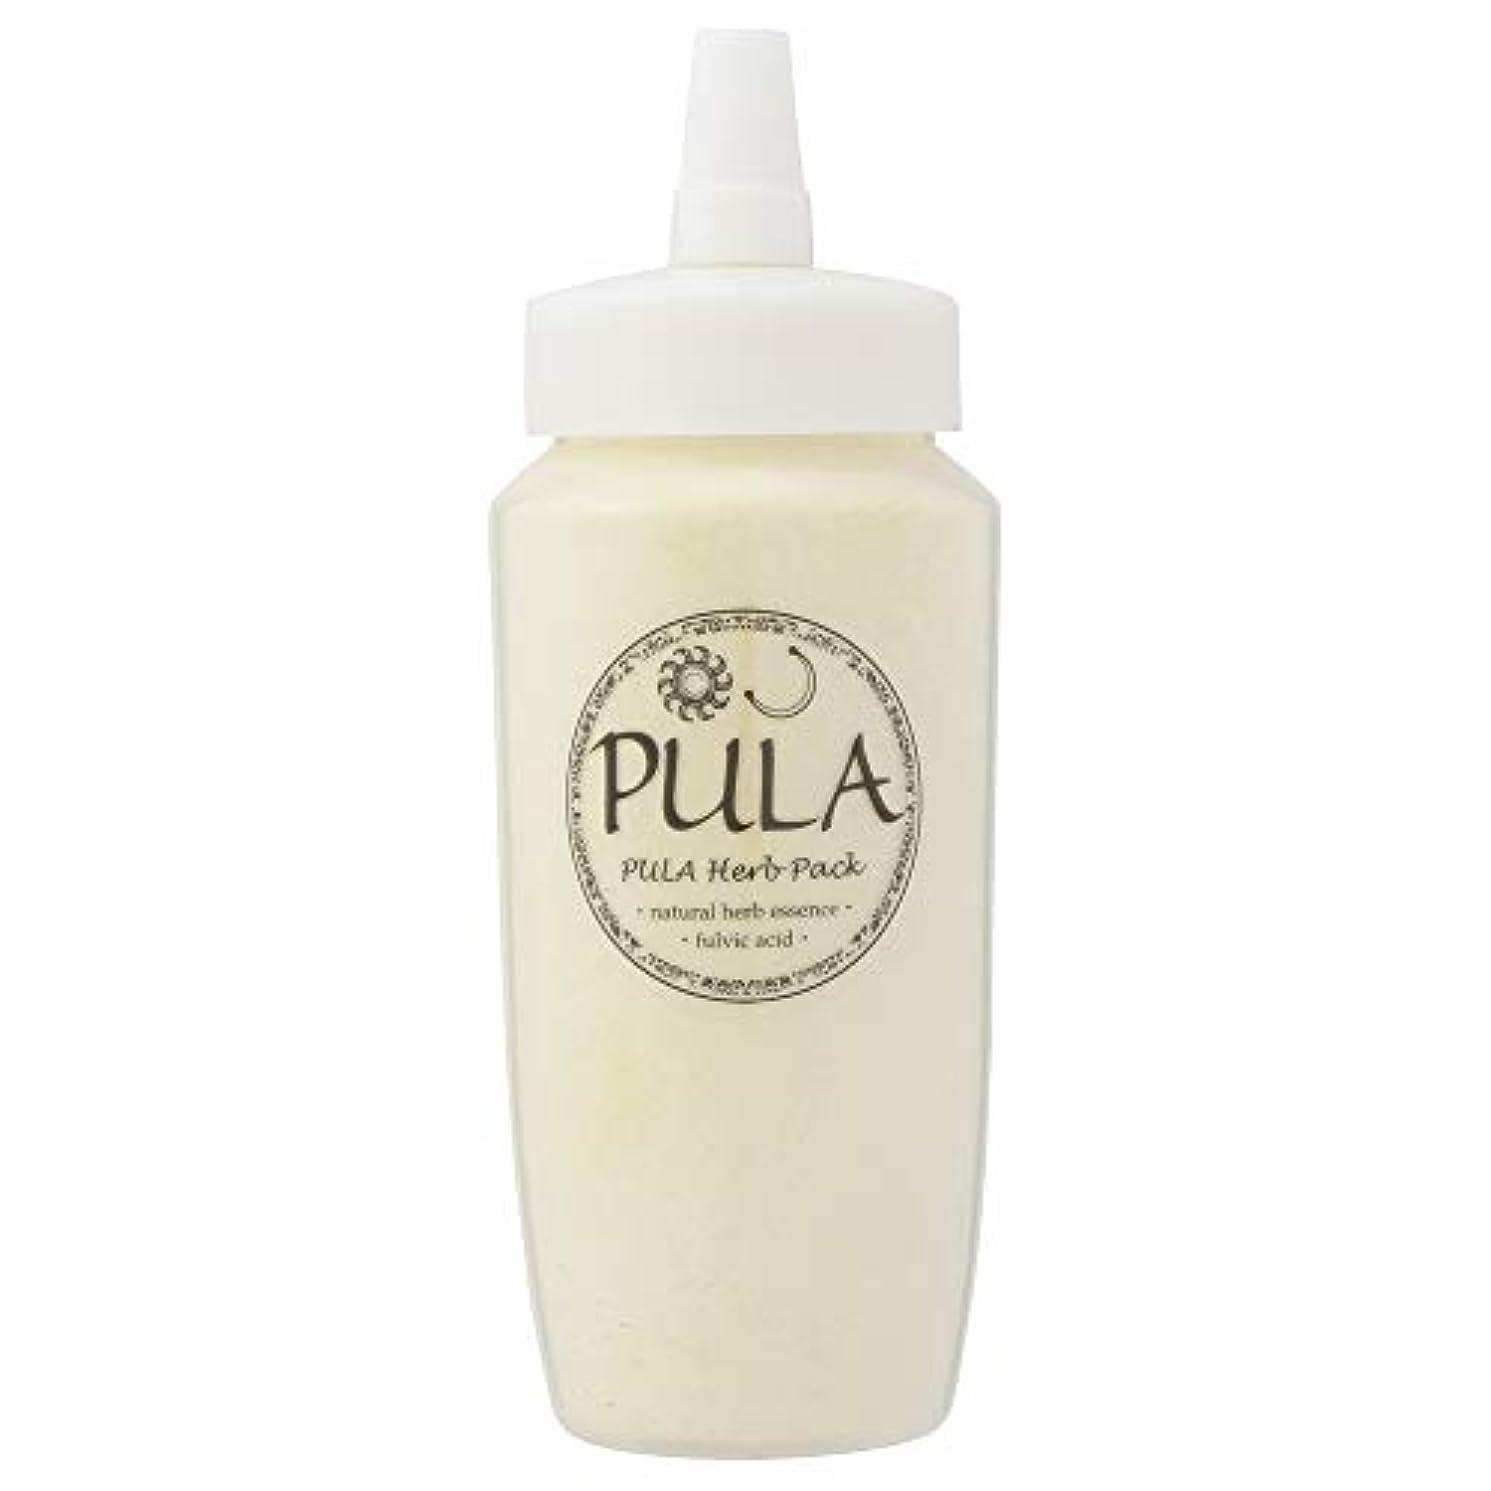 流用する進むアスレチックプーラ ハーブパック 200g (頭皮用パック)【ハーブ&フルボ酸】 ヘッドスパ専門店 PULA 100%自然由来配合